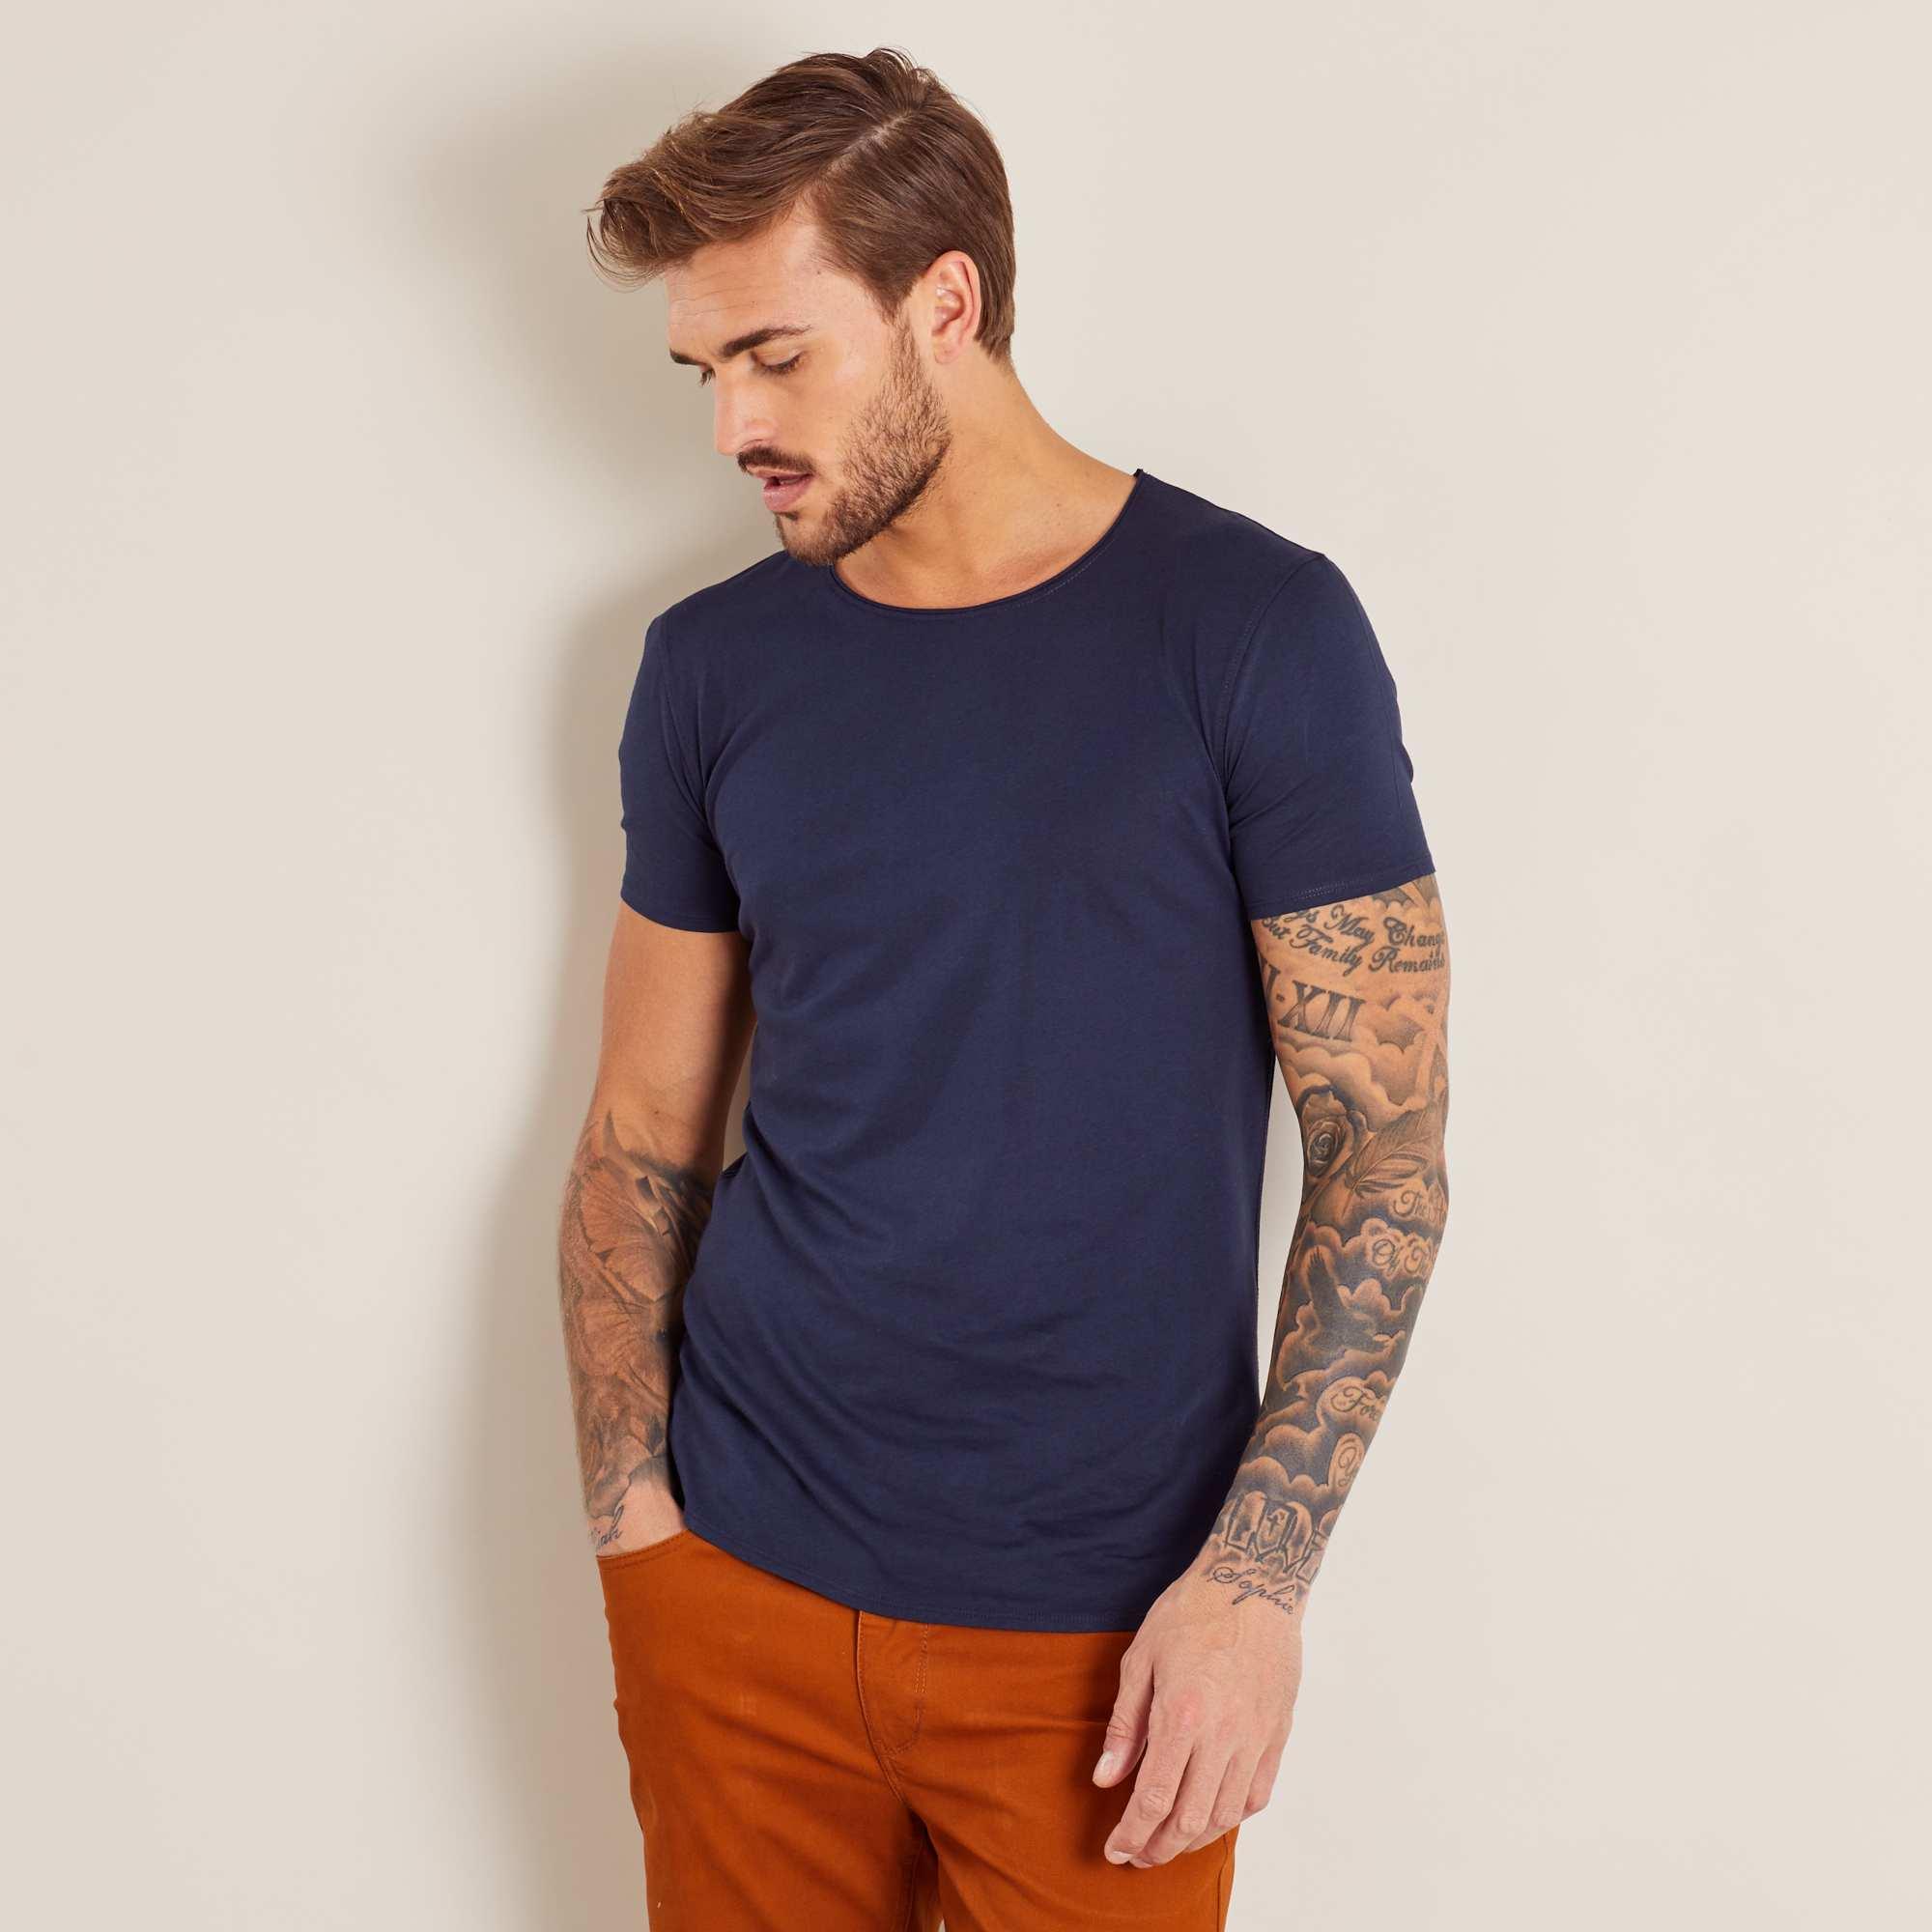 Couleur : bleu marine, fraise écrasée, orange rouille,bleu, - Taille : XL, S, L,XXL,MUn basique indispensable et facile à coordonner à vos tenues. On craque pour son petit